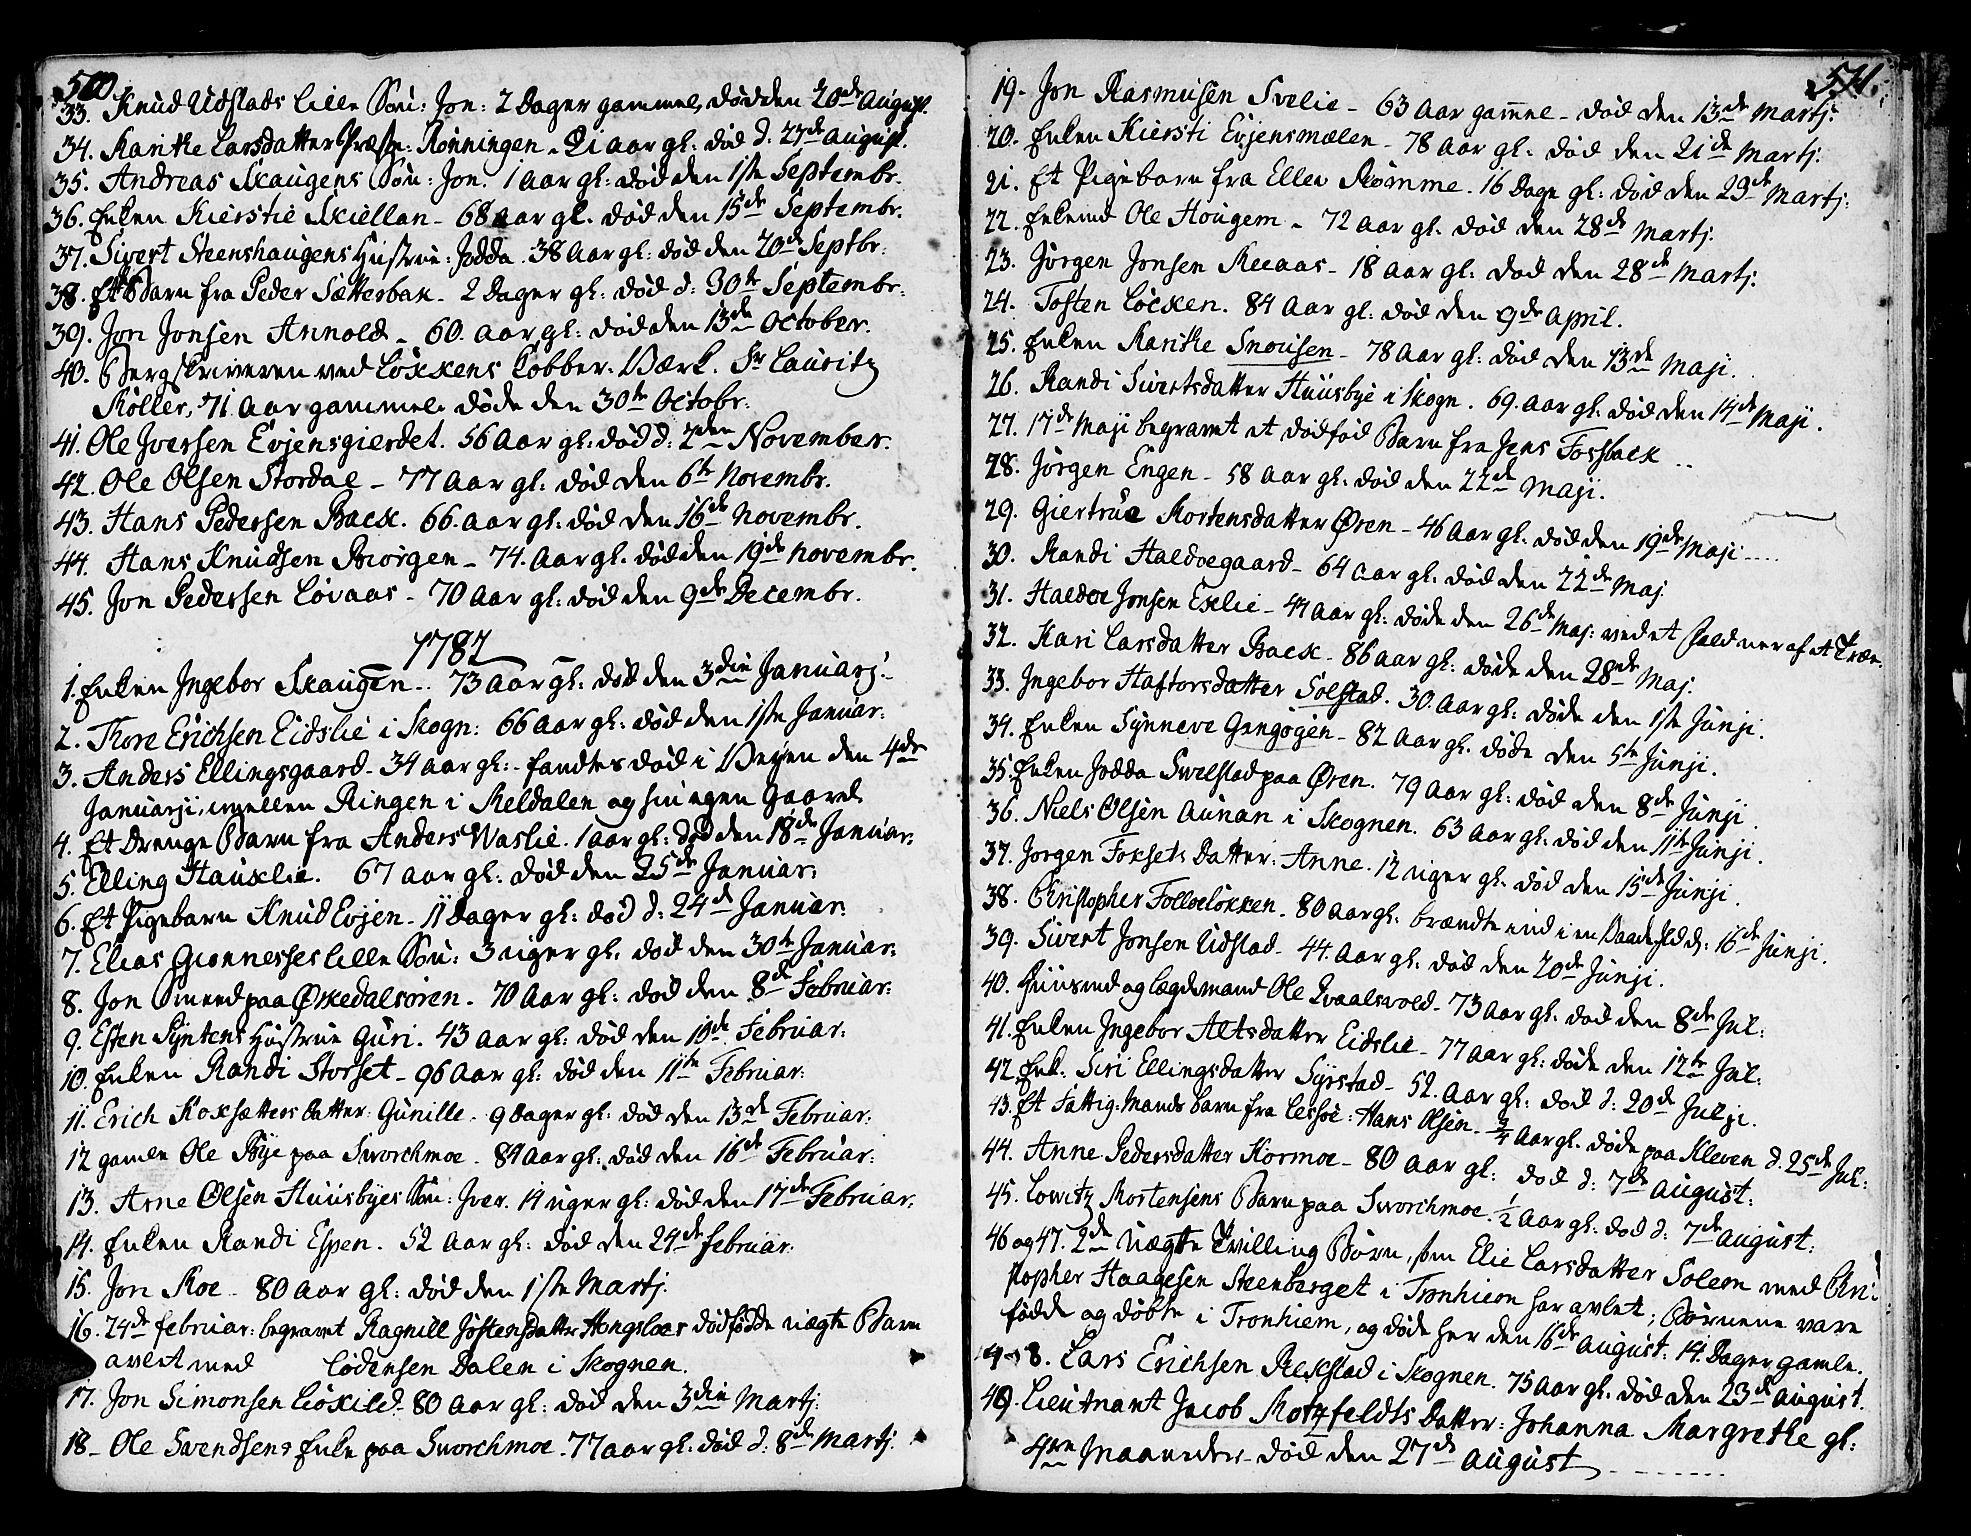 SAT, Ministerialprotokoller, klokkerbøker og fødselsregistre - Sør-Trøndelag, 668/L0802: Ministerialbok nr. 668A02, 1776-1799, s. 510-511